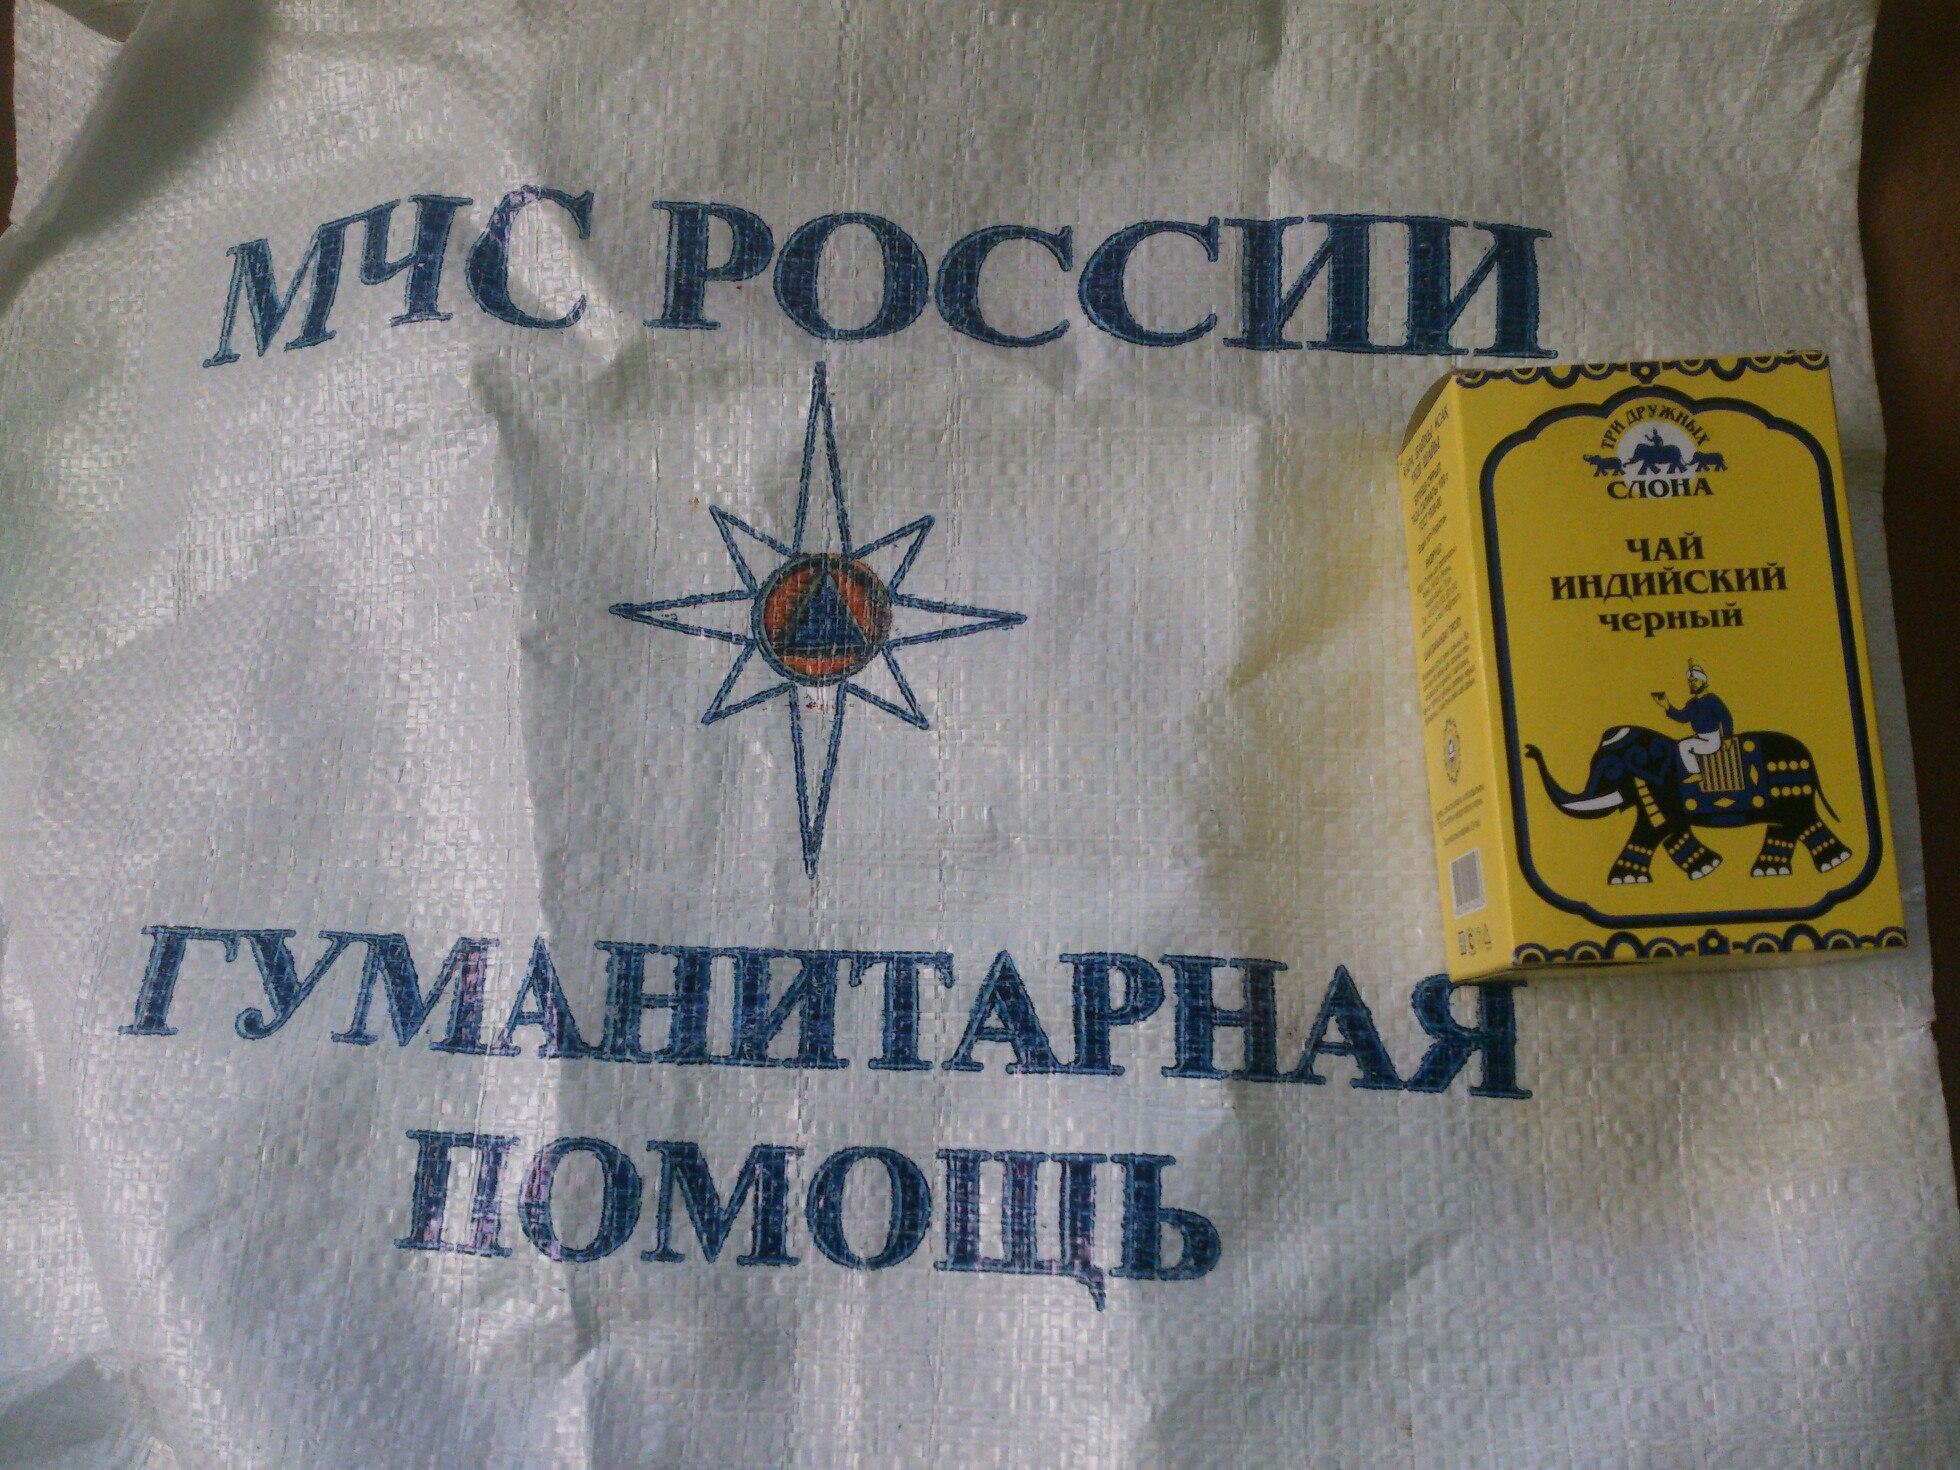 """В оккупированном Луганске высмеяли очередную гуманитарку от """"братского"""" народа: все продукты просрочены и негодны (кадры)"""